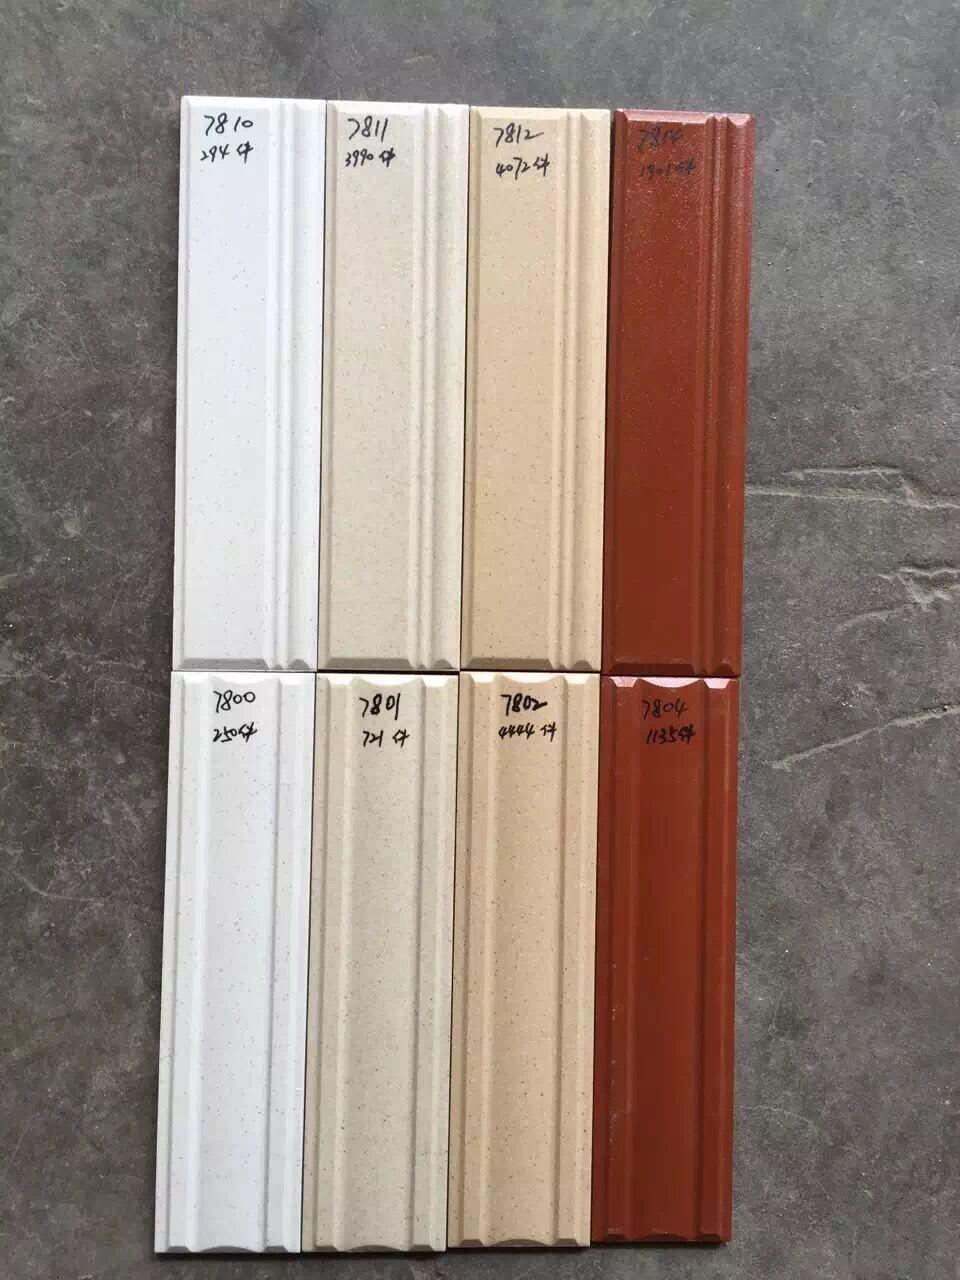 特价外墙砖清楚价12元/平方  9*30CM喷墨外墙 15一平方米 300*600内墙砖4.5一片